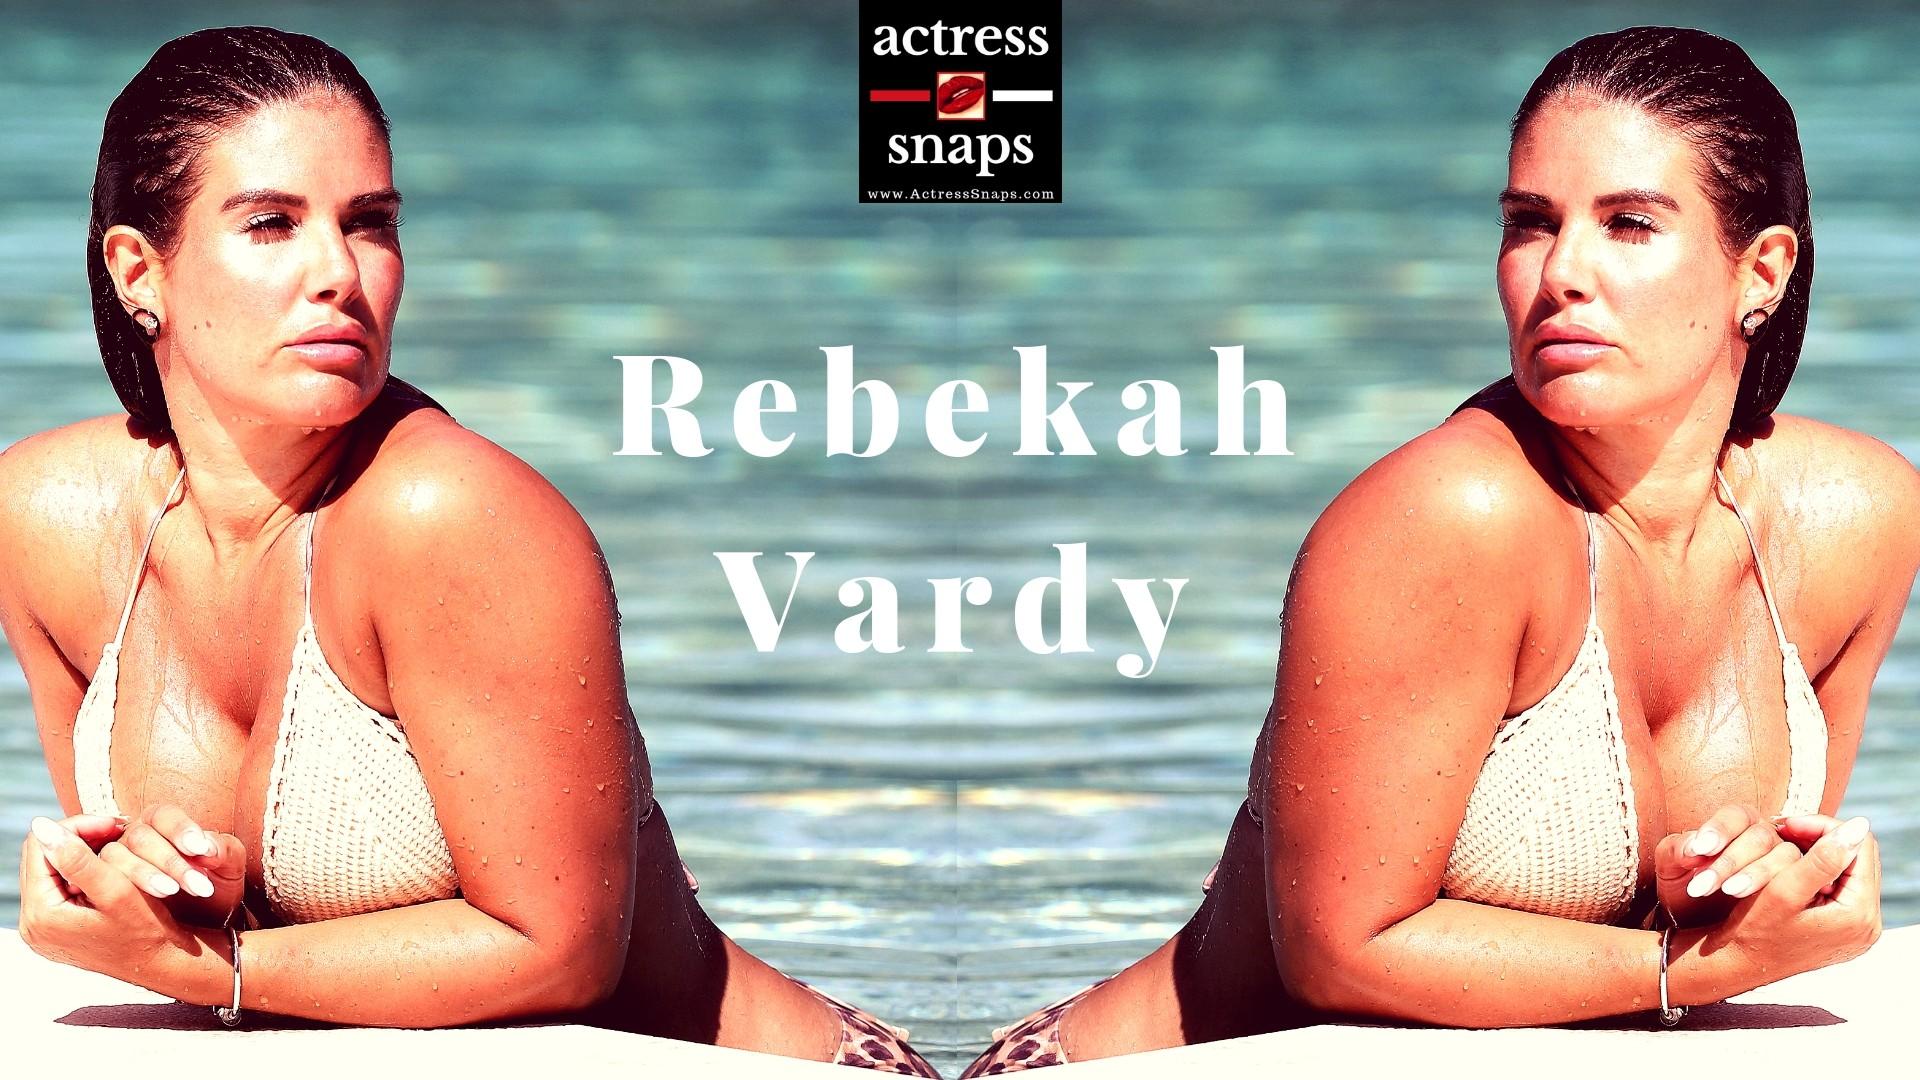 Sexy Rebekah Vardy Bikini Pics - Sexy Actress Pictures   Hot Actress Pictures - ActressSnaps.com